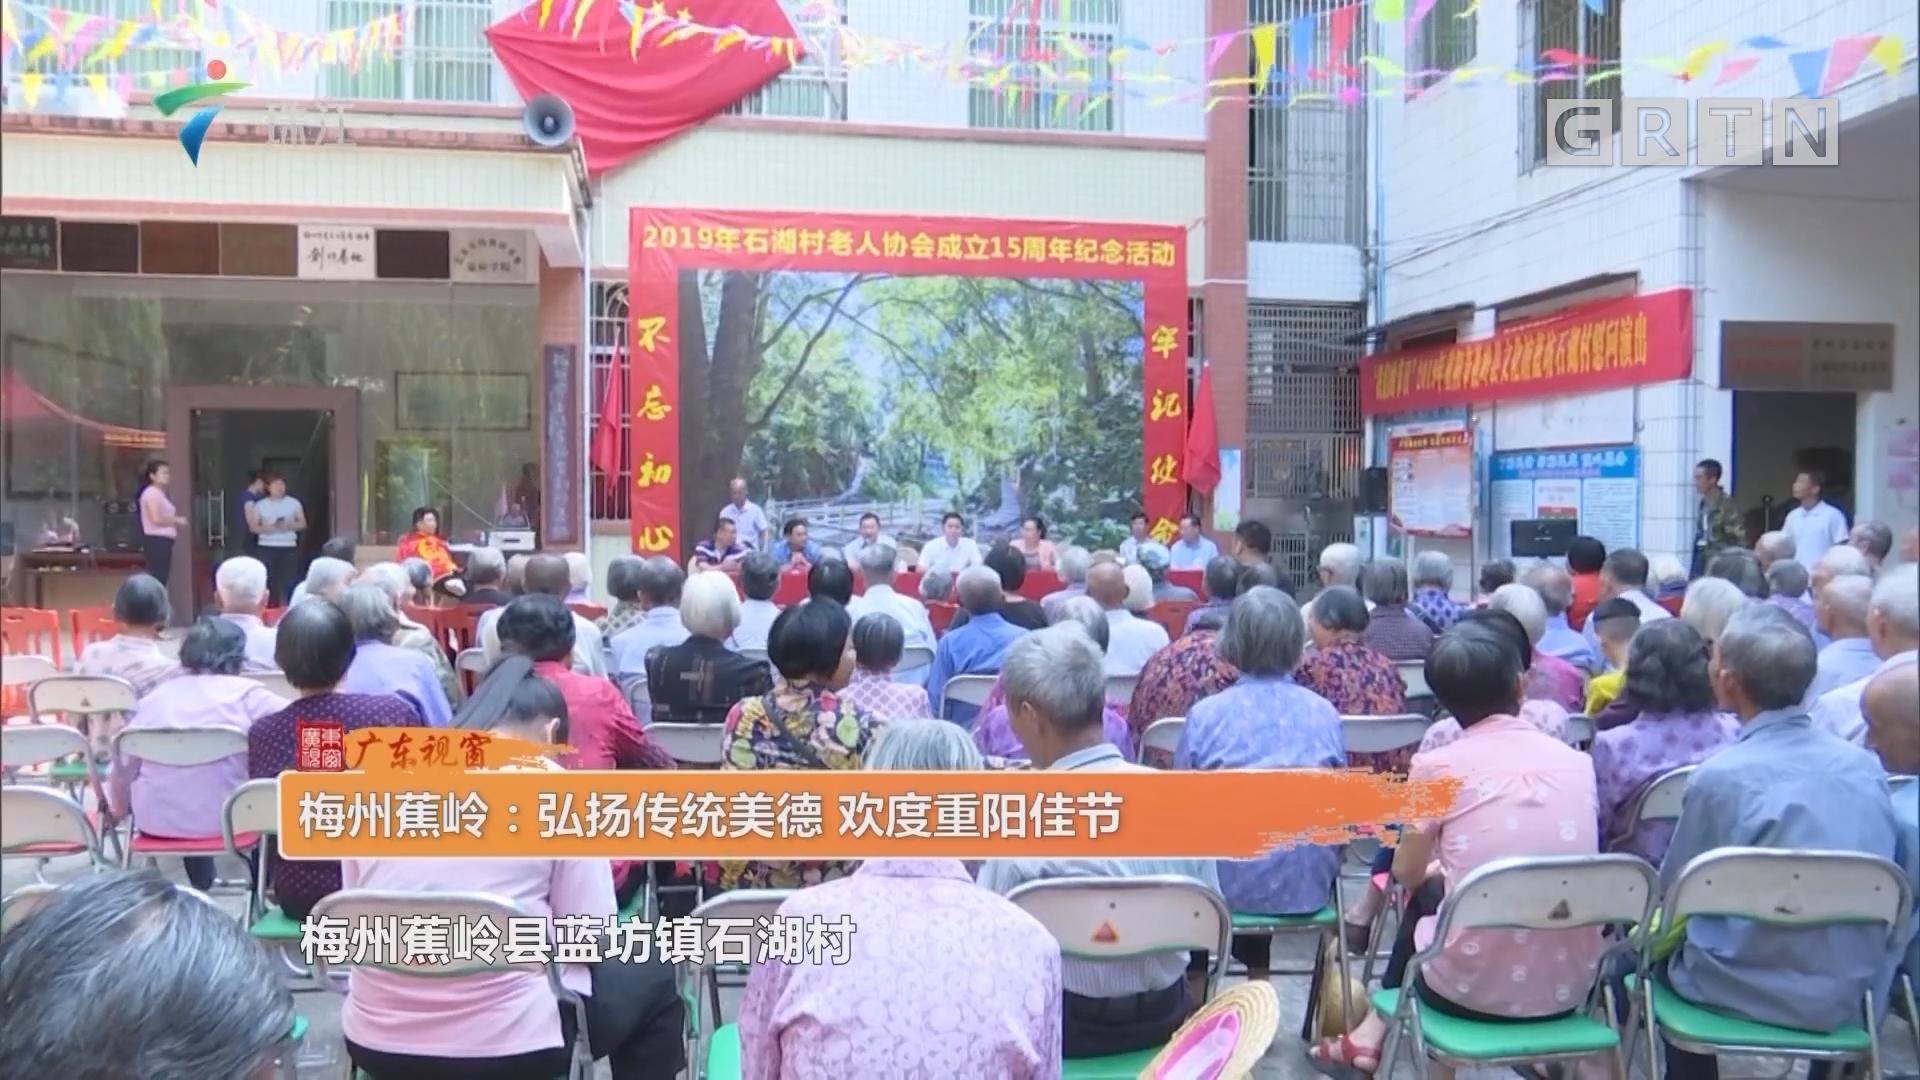 梅州蕉岭:弘扬传统美德 欢度重阳佳节